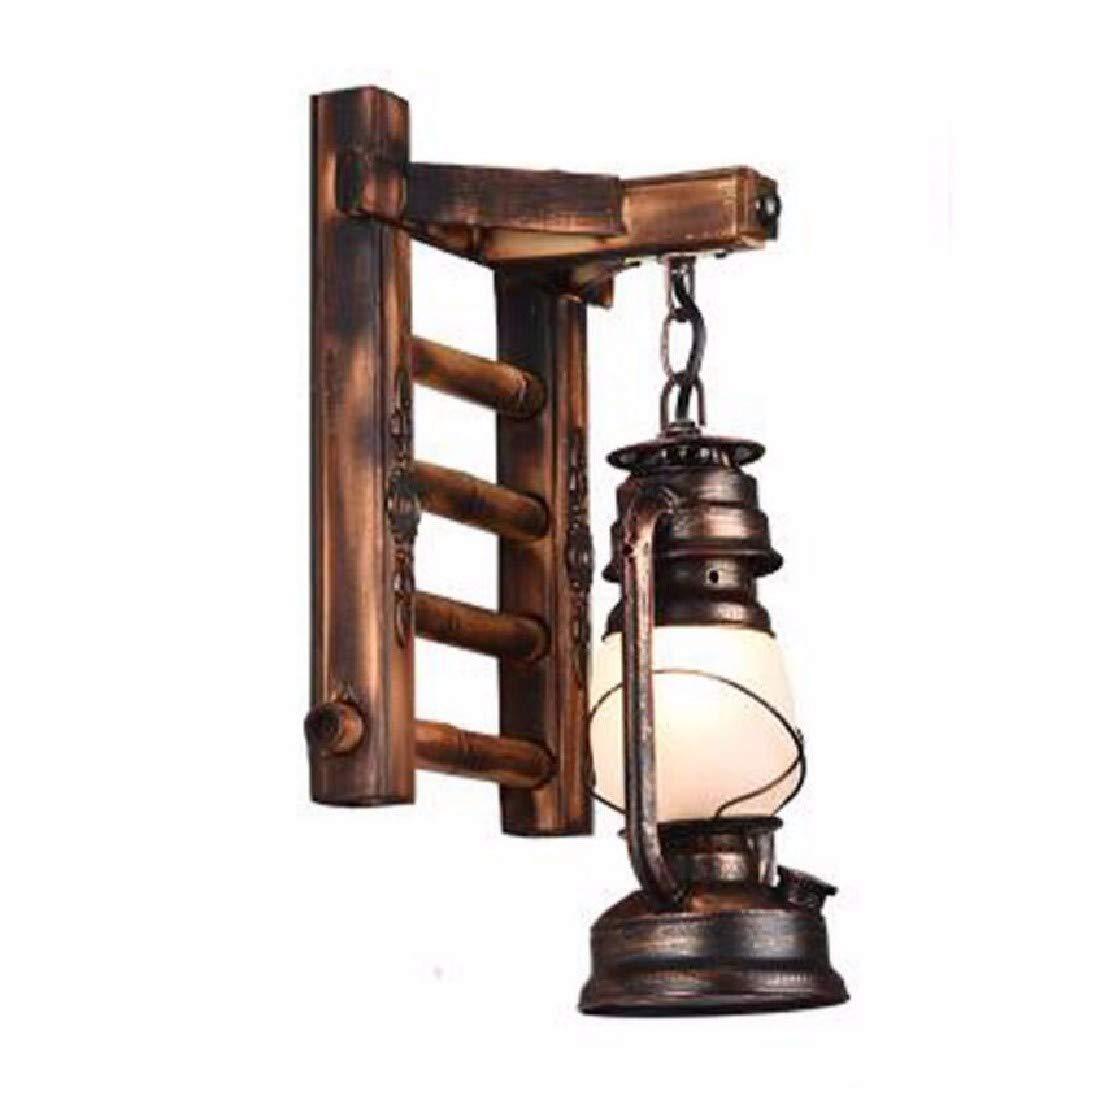 CJSHV lampada da parete antico muro di camera posteriore lampada abat - jour salotto creativo bar lampada,un